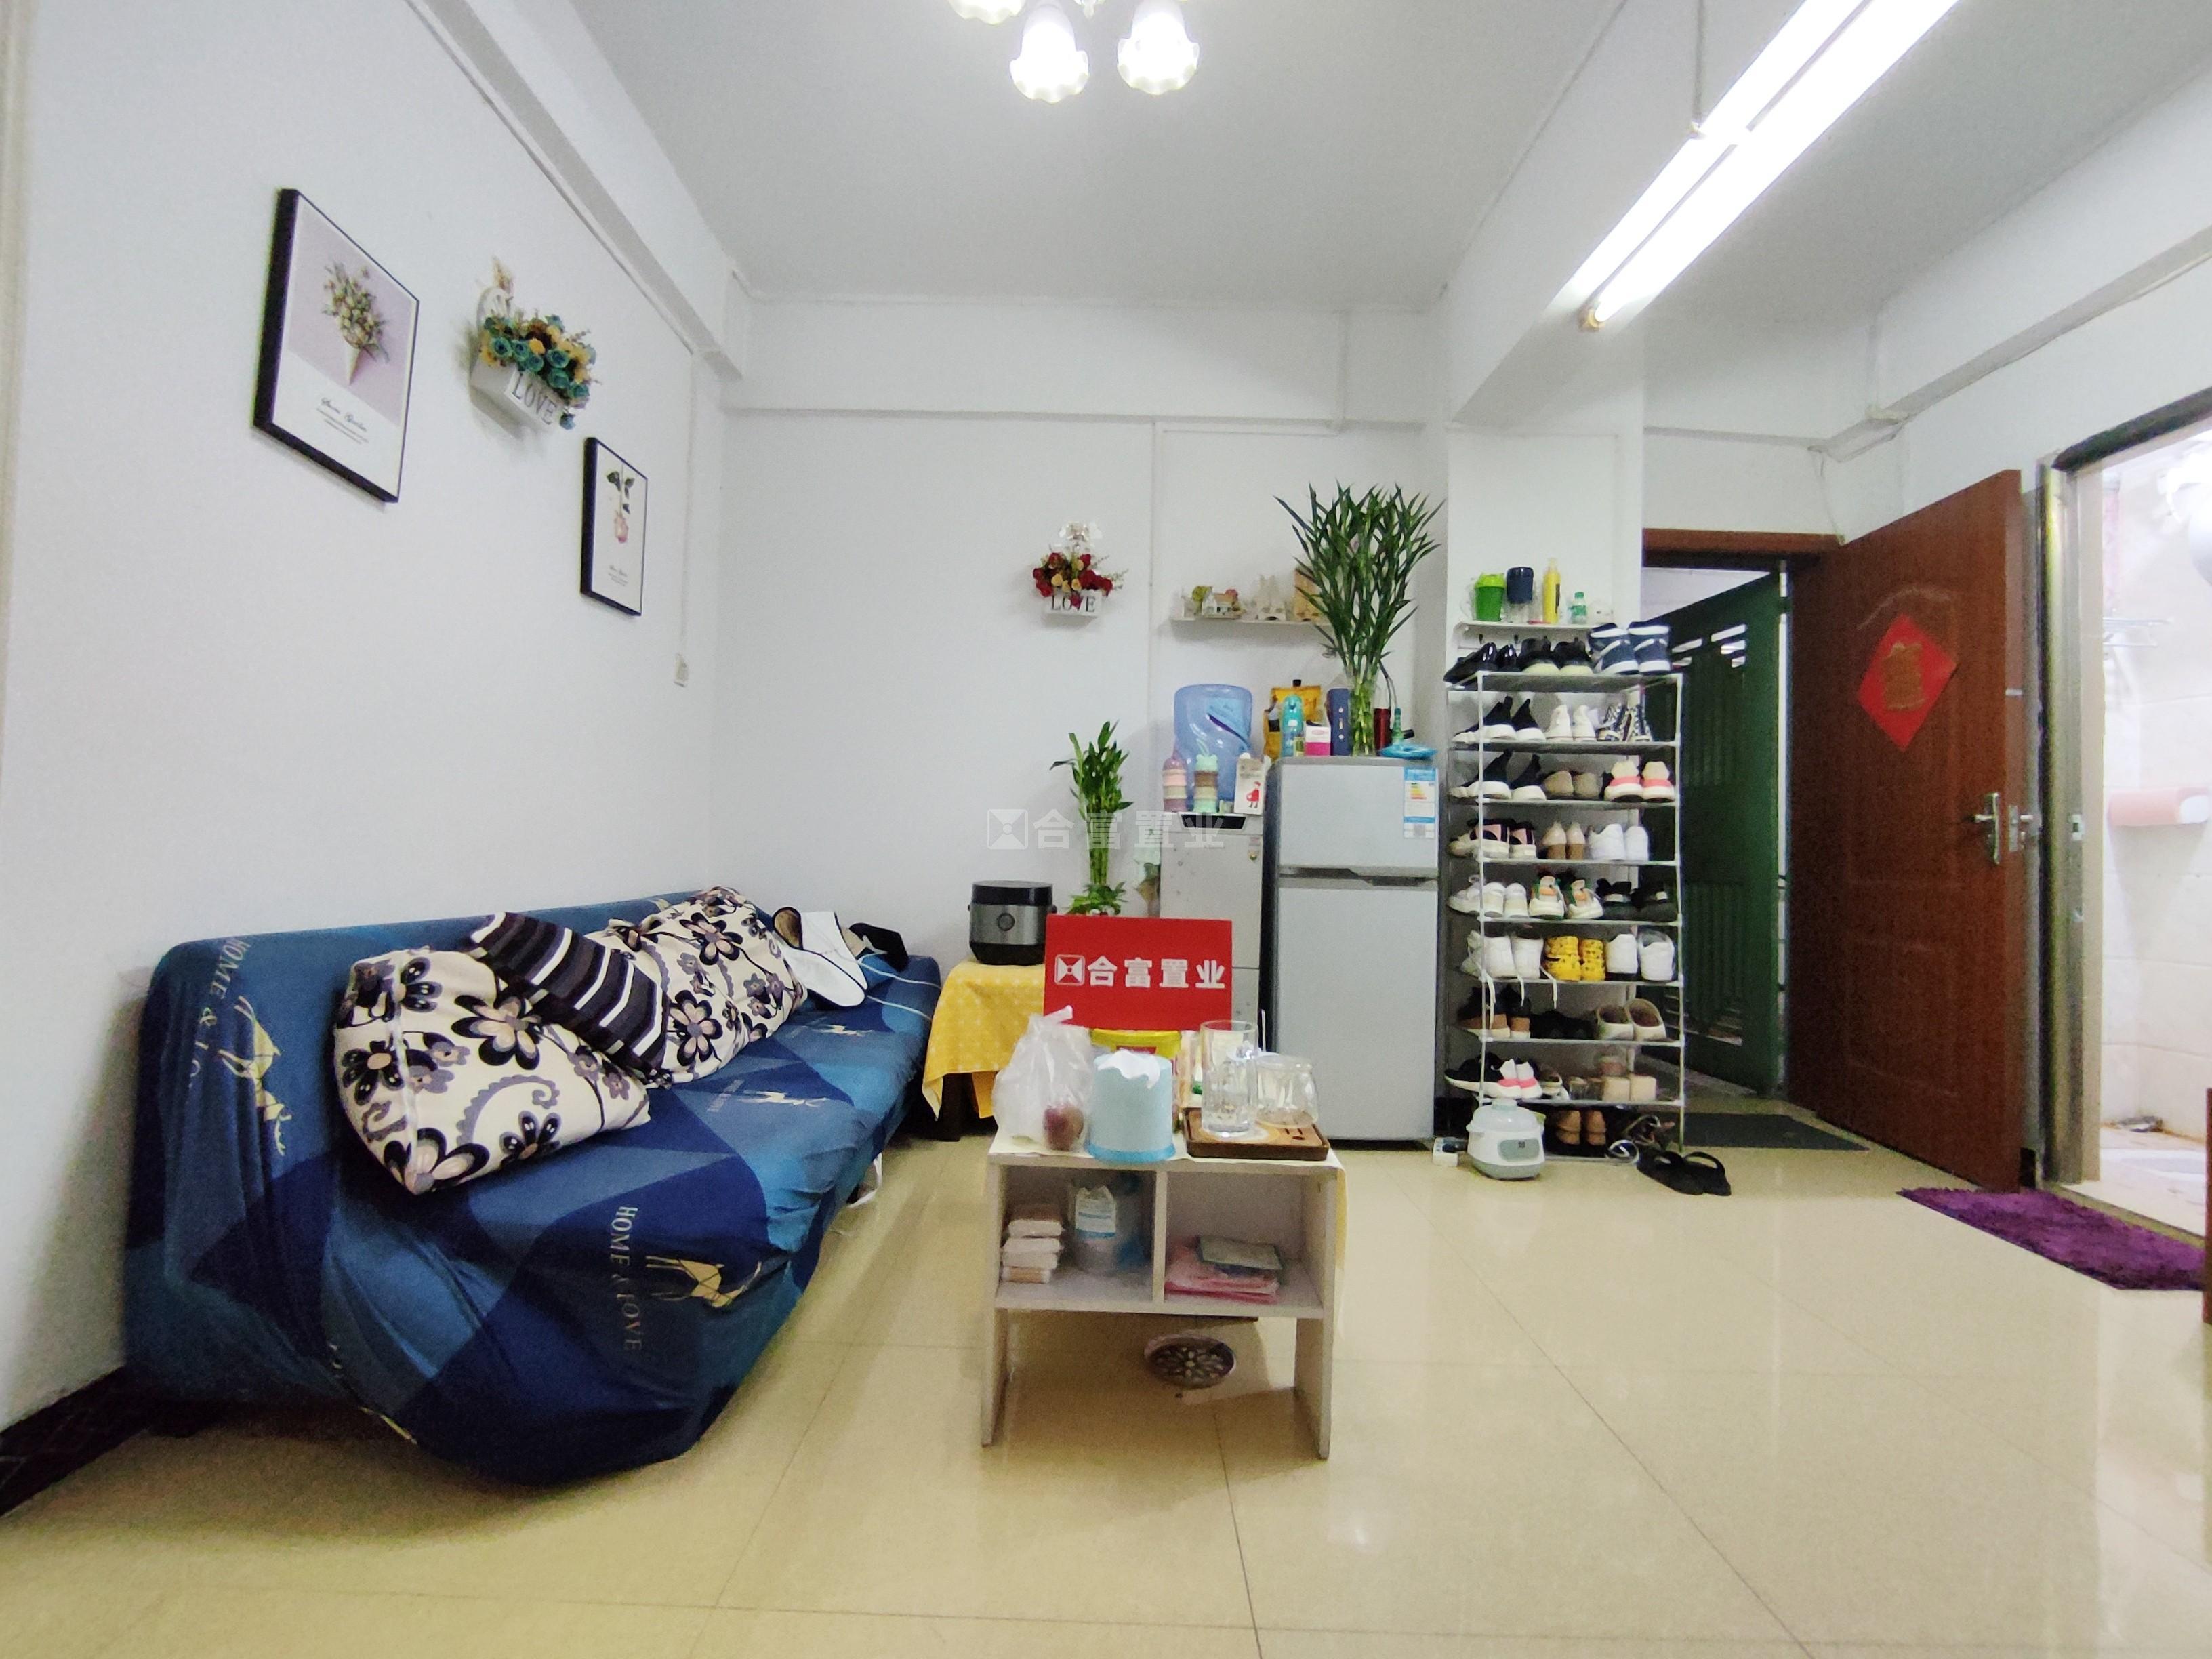 晓港湾惠侨苑